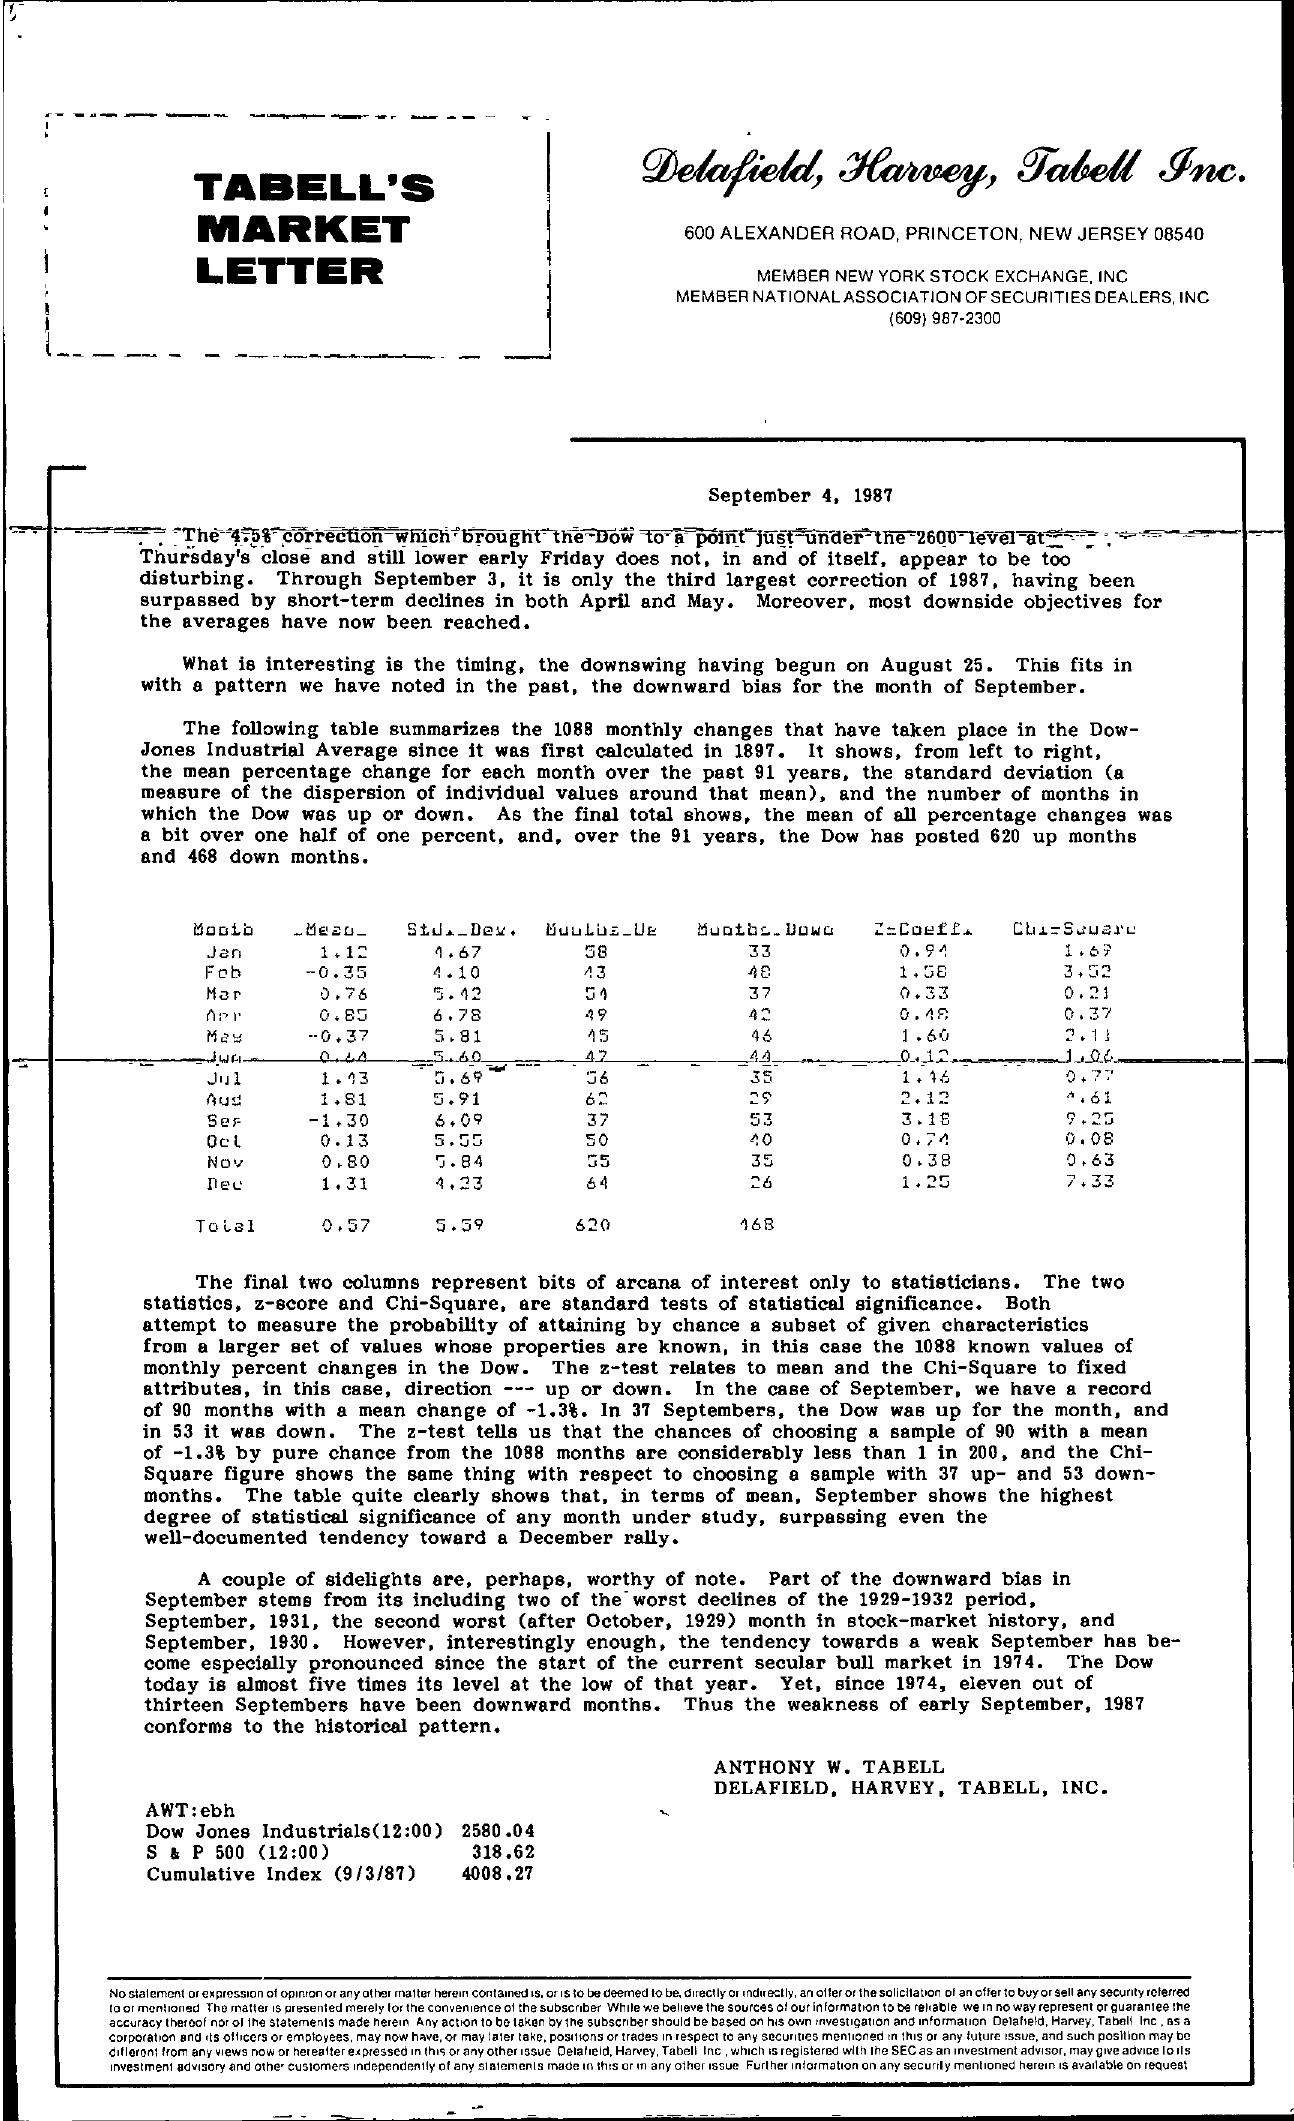 Tabell's Market Letter - September 04, 1987